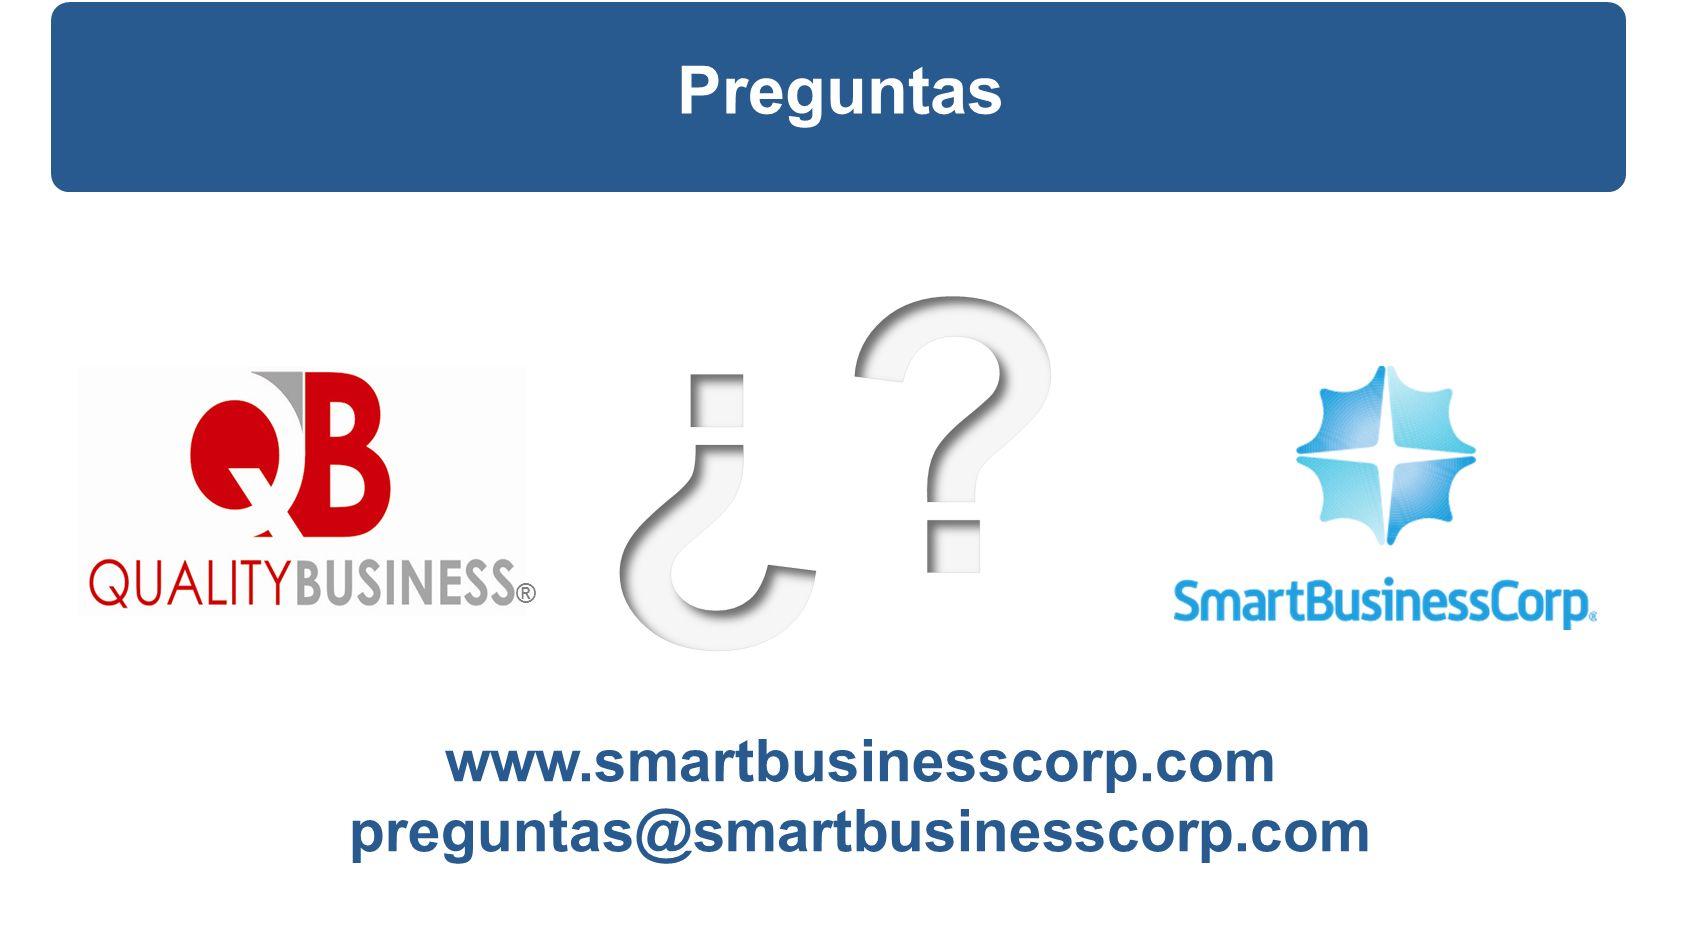 Preguntas ® www.smartbusinesscorp.com preguntas@smartbusinesscorp.com